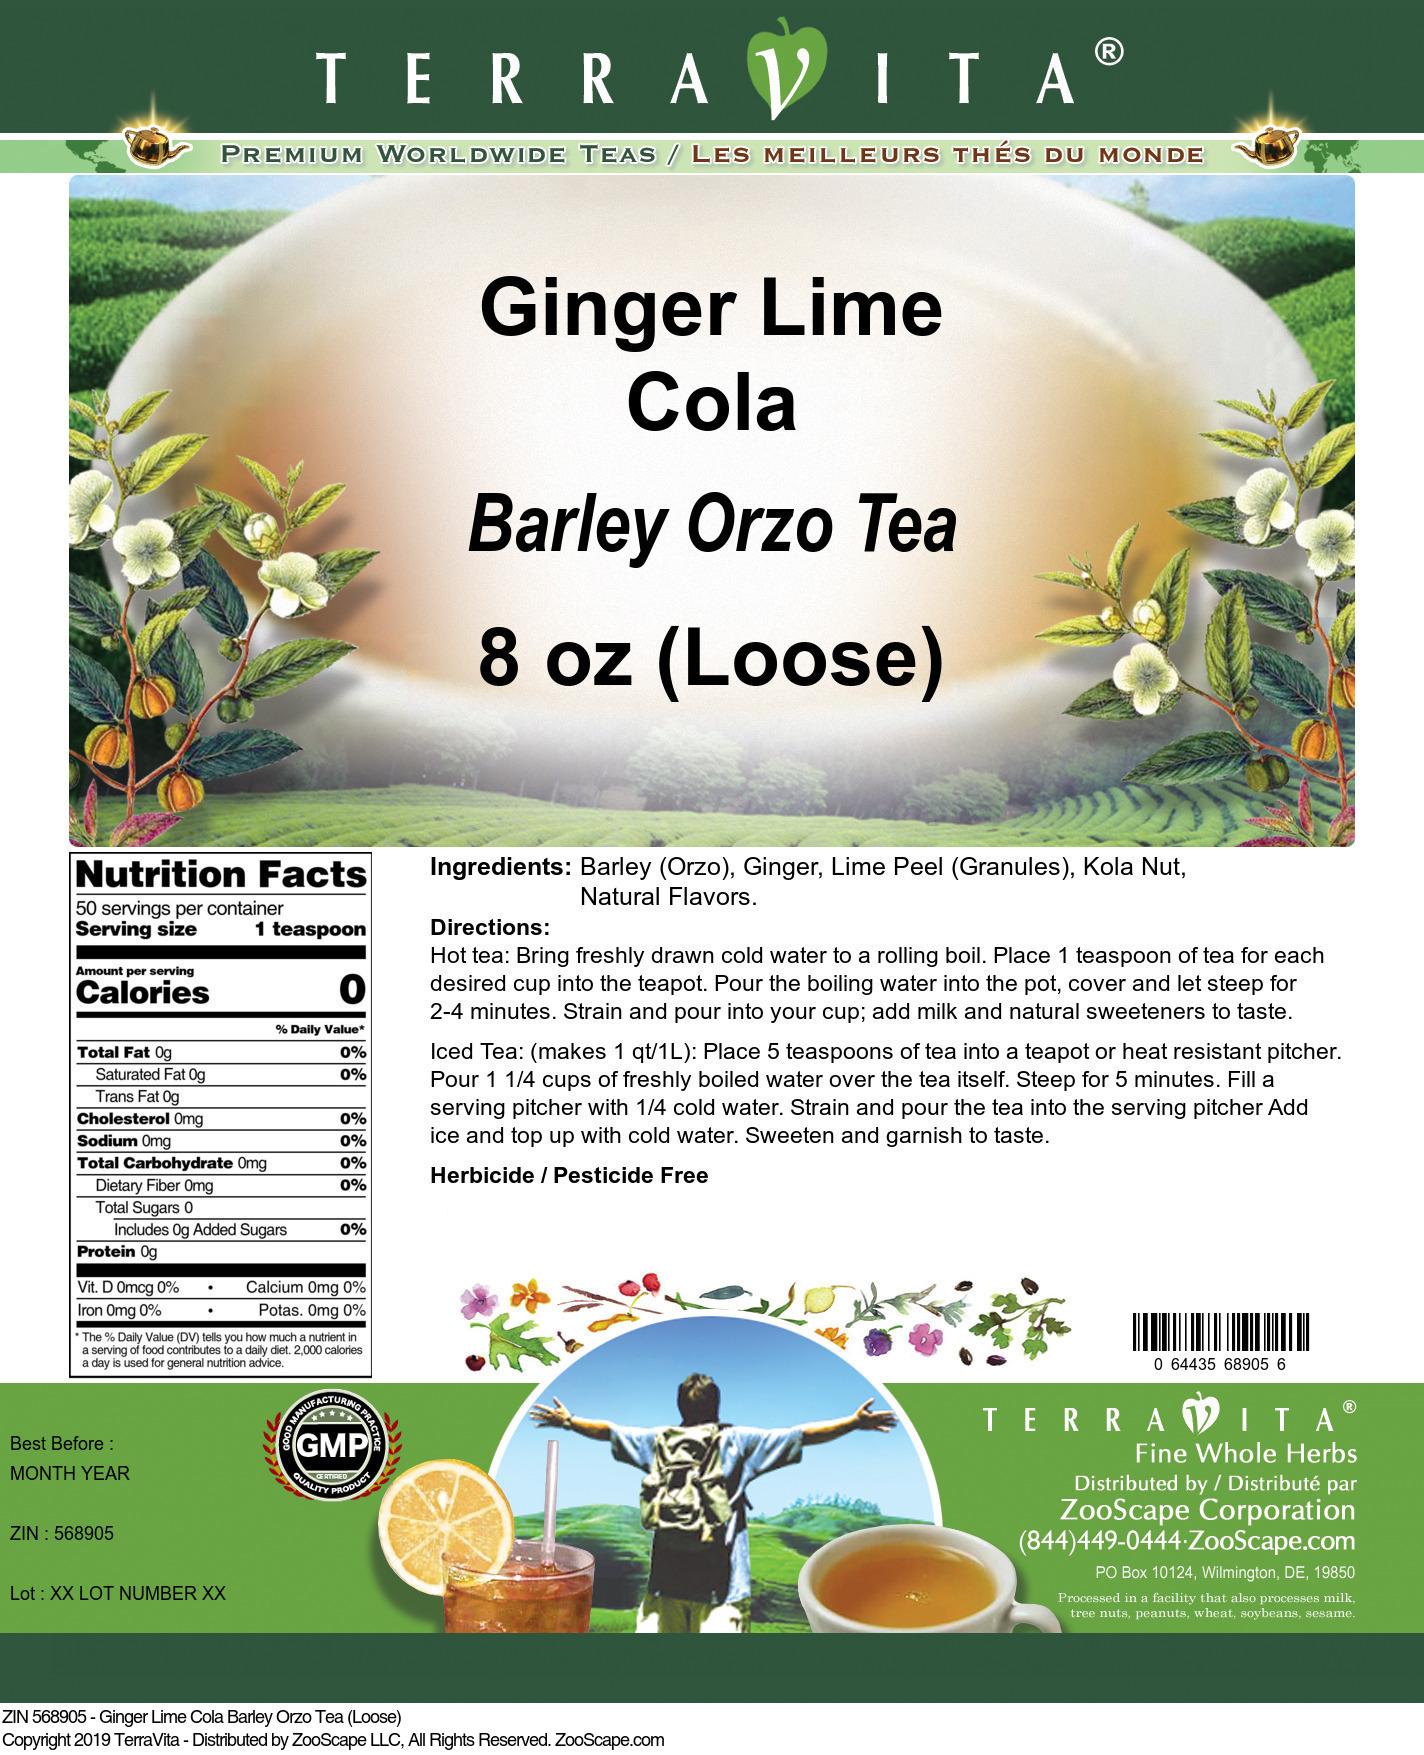 Ginger Lime Cola Barley Orzo